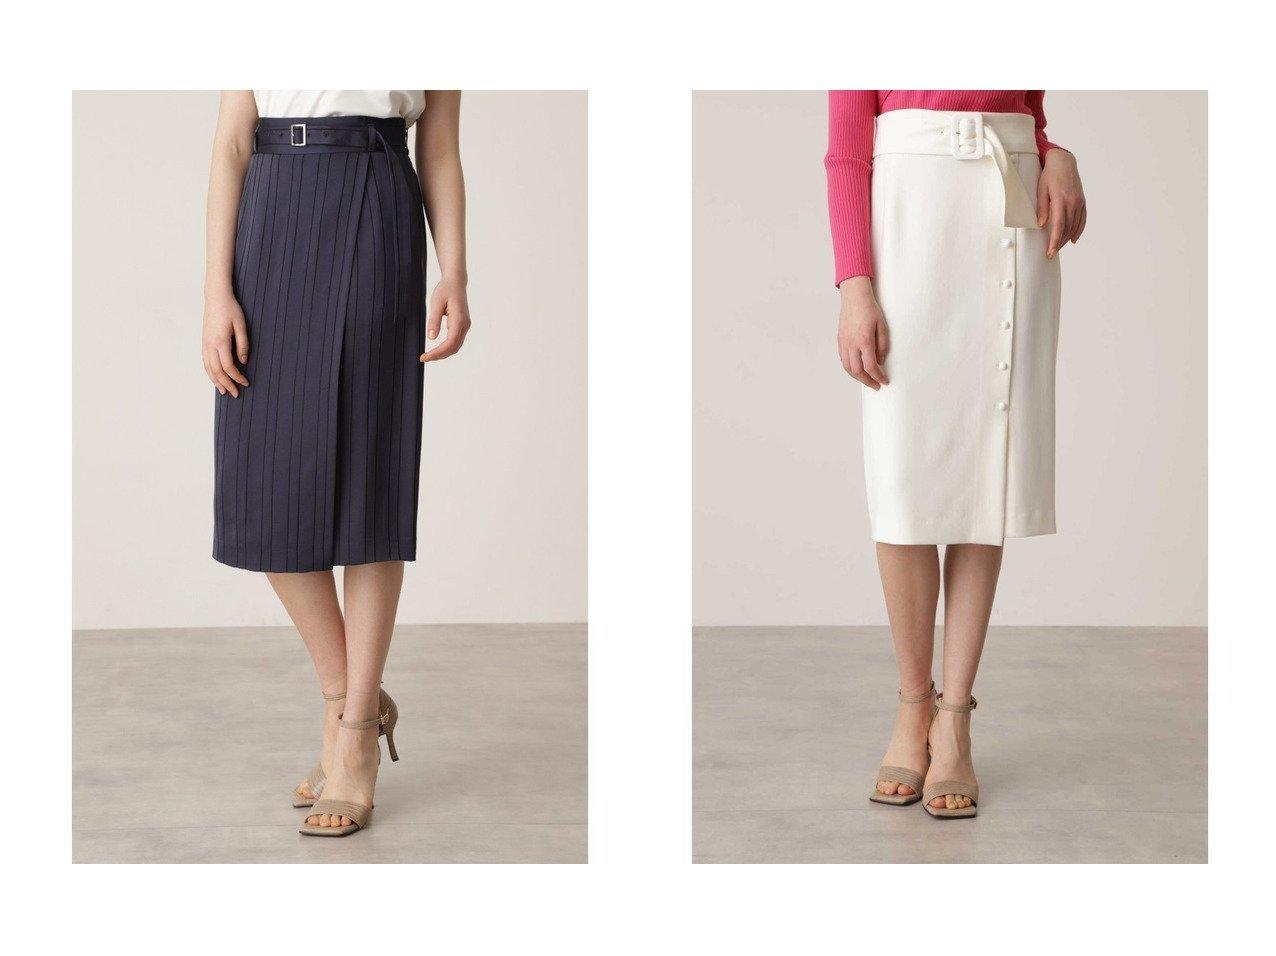 【Pinky&Dianne/ピンキーアンドダイアン】のカラミストライプスカート&くるみドット付きタイトスカート ボトムスのおすすめ!人気、トレンド・レディースファッションの通販 おすすめで人気の流行・トレンド、ファッションの通販商品 メンズファッション・キッズファッション・インテリア・家具・レディースファッション・服の通販 founy(ファニー) https://founy.com/ ファッション Fashion レディースファッション WOMEN スカート Skirt NEW・新作・新着・新入荷 New Arrivals エレガント ドット プリント サテン ストライプ セットアップ トレンド ラップ |ID:crp329100000014298